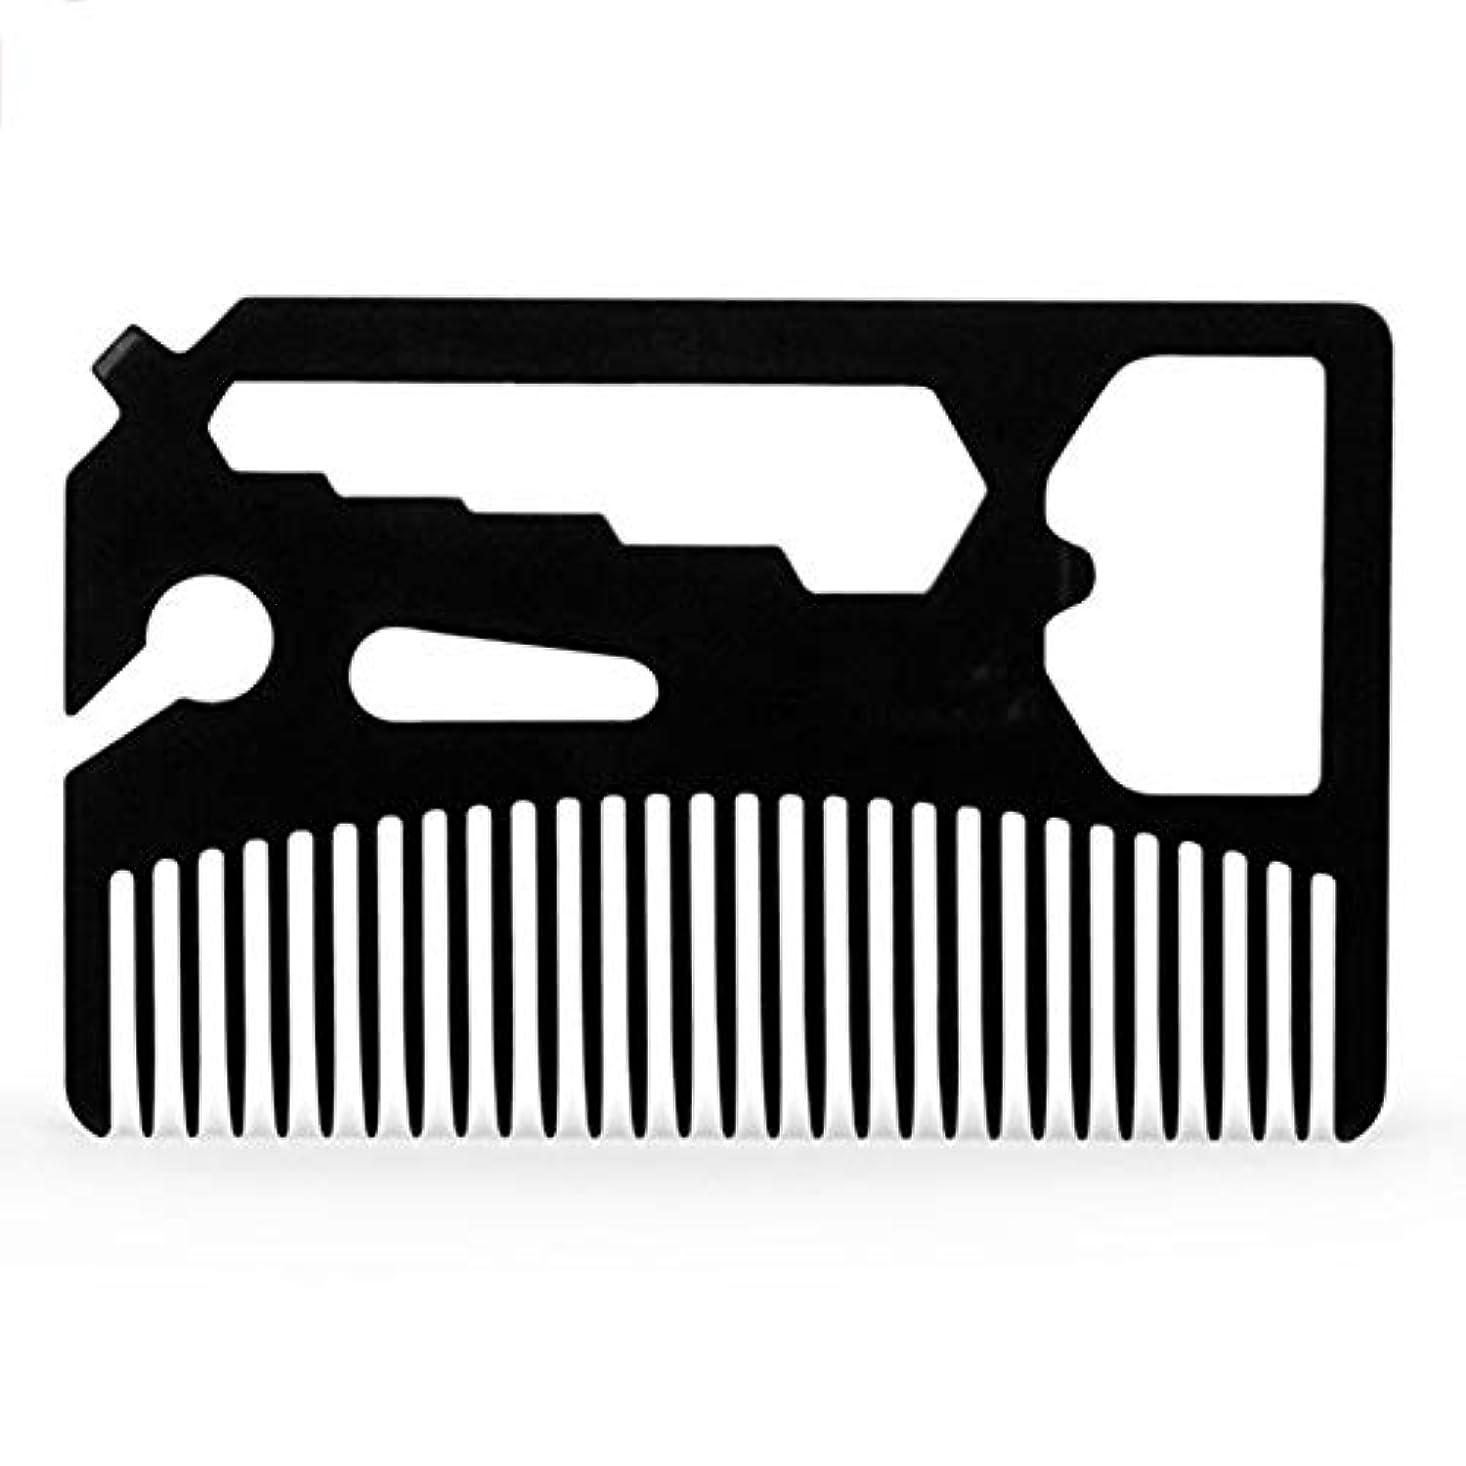 ニッケル結び目夜明けACHICOO 多機能ヘアブラシ ひげくし ステンレス鋼 栓抜き 髭櫛 金属 プラスチック 折りたたみ 男性 髪髭トリムツール 黒